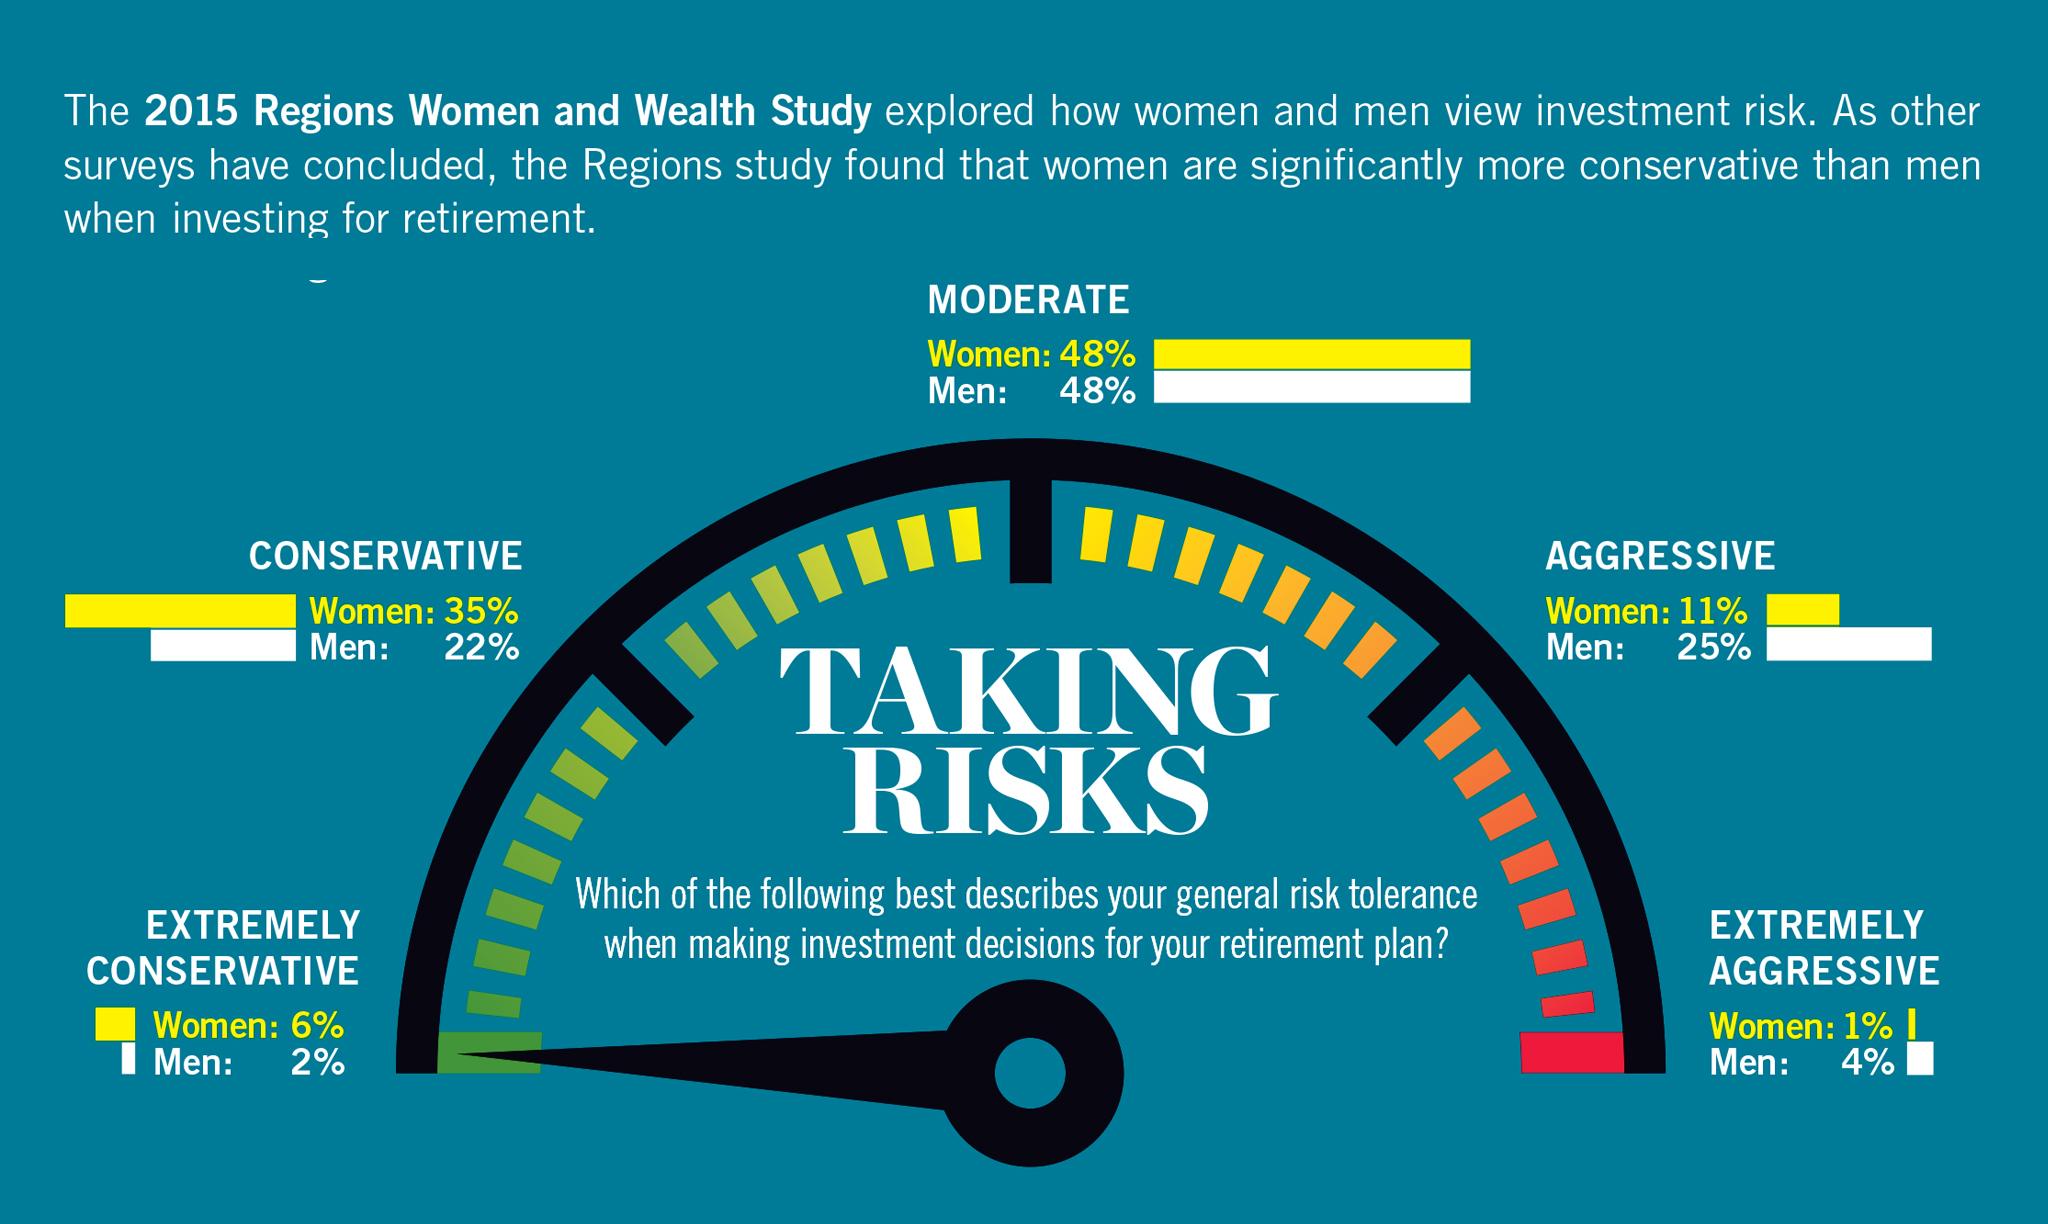 Las mujeres y el patrimonio Gráfico informativo sobre la toma de riesgos